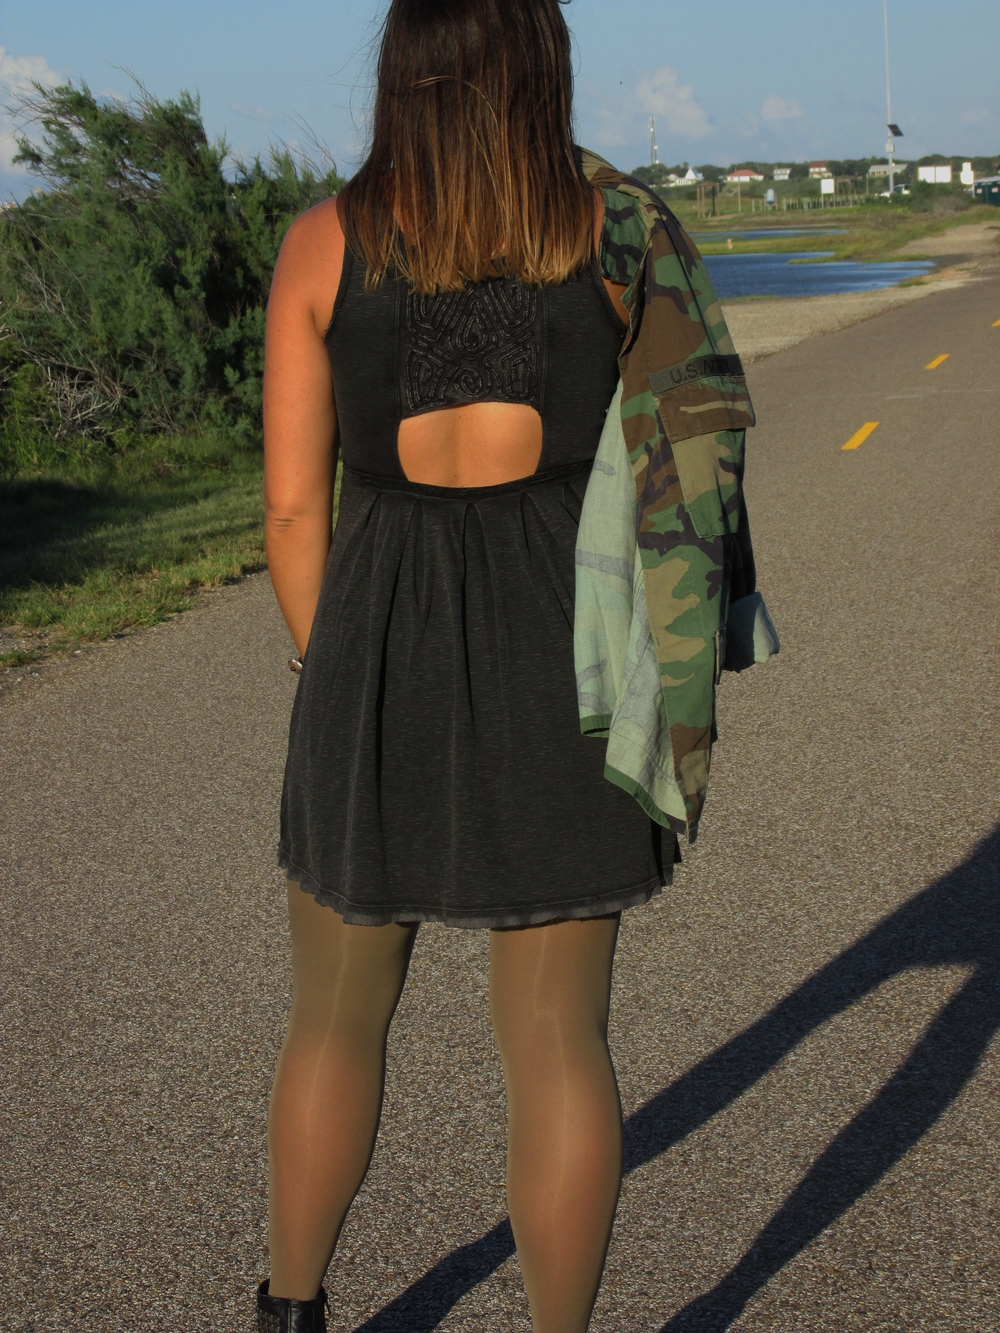 dressbackdetail.JPG